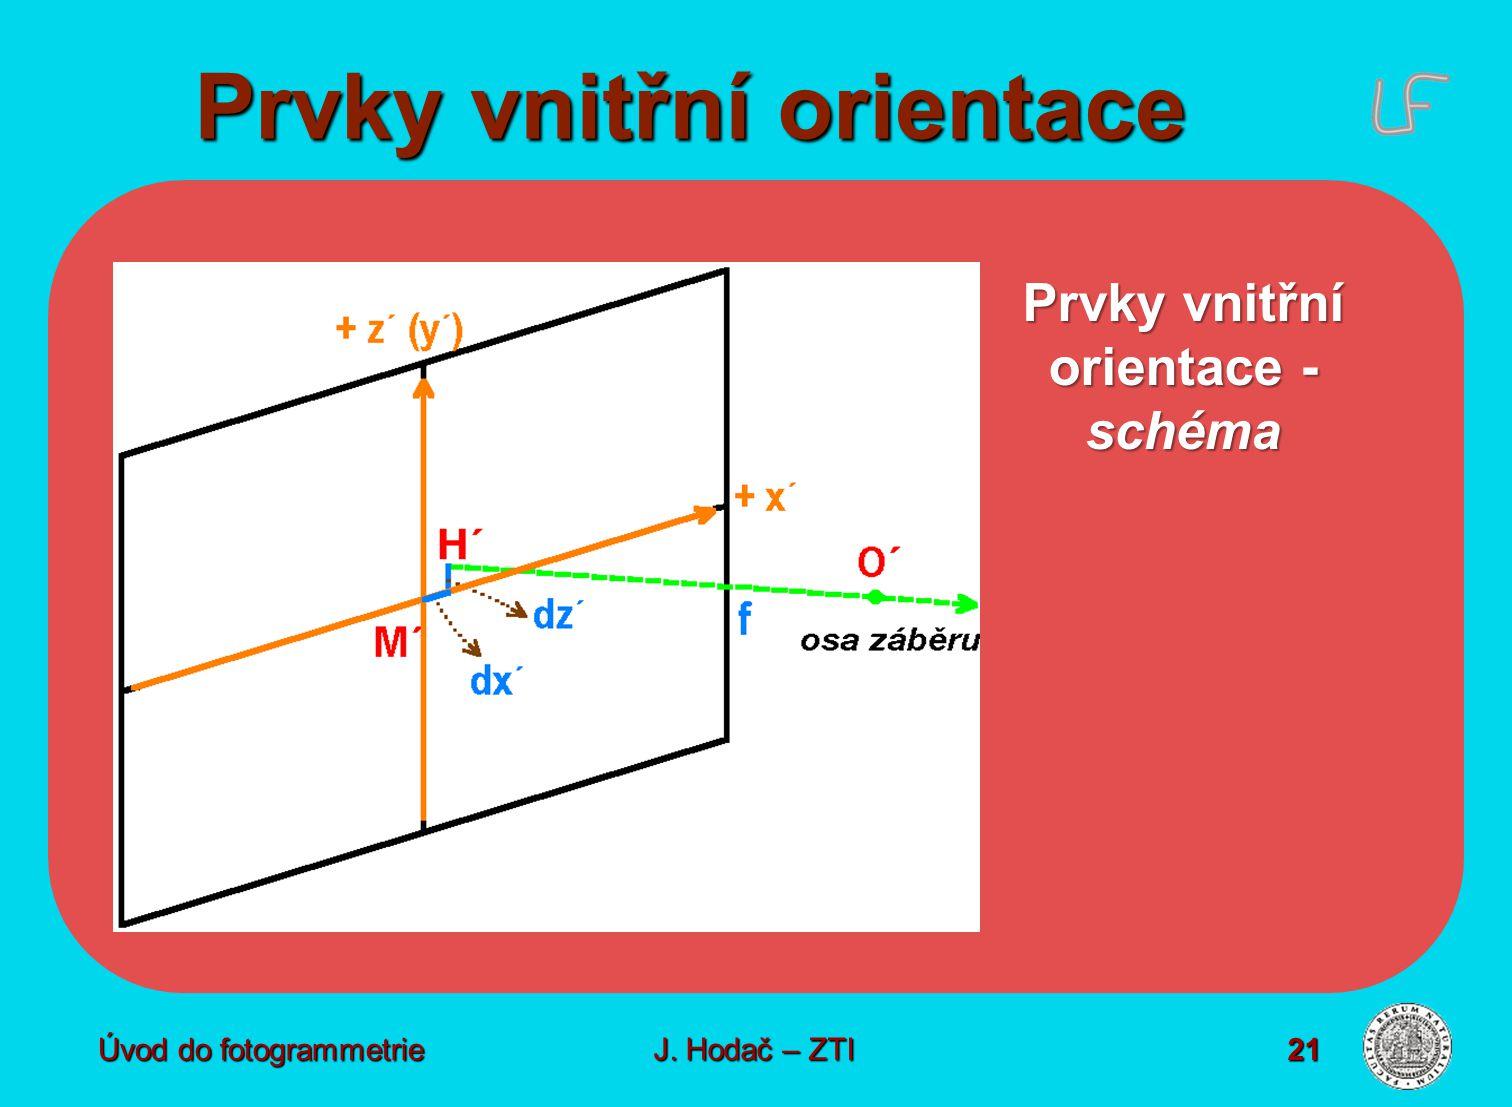 Prvky vnitřní orientace Úvod do fotogrammetrie J. Hodač – ZTI 21 Prvky vnitřní orientace - schéma